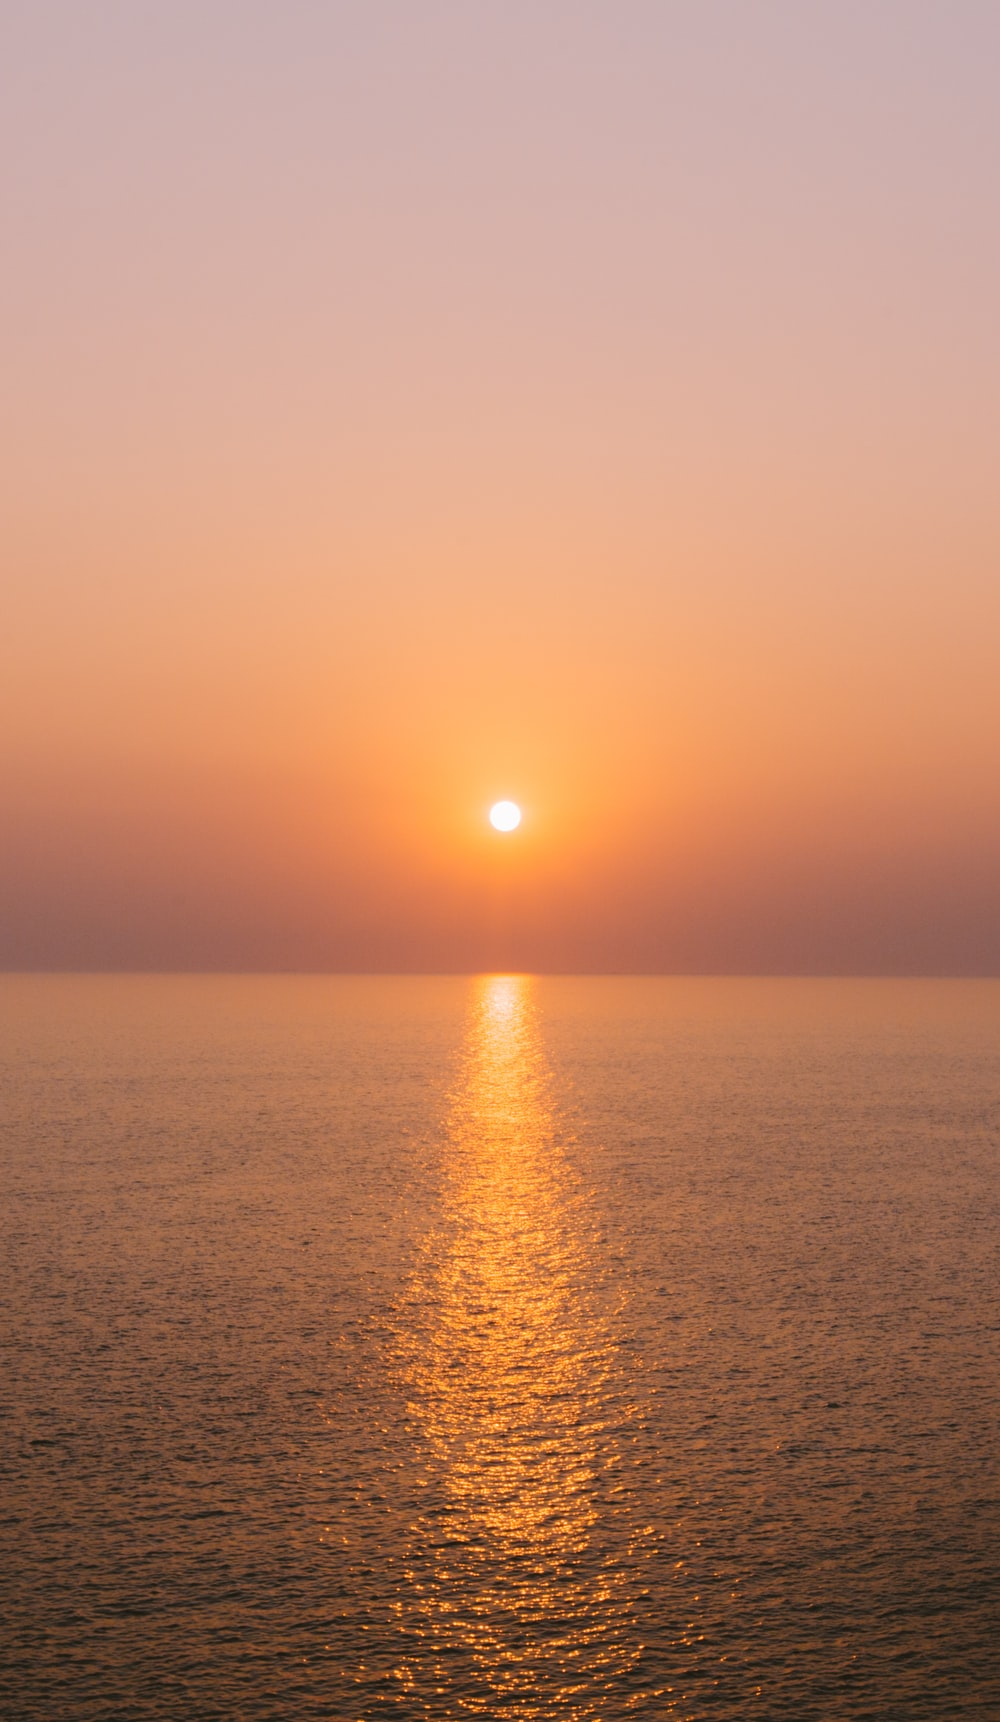 sun setting over the sea